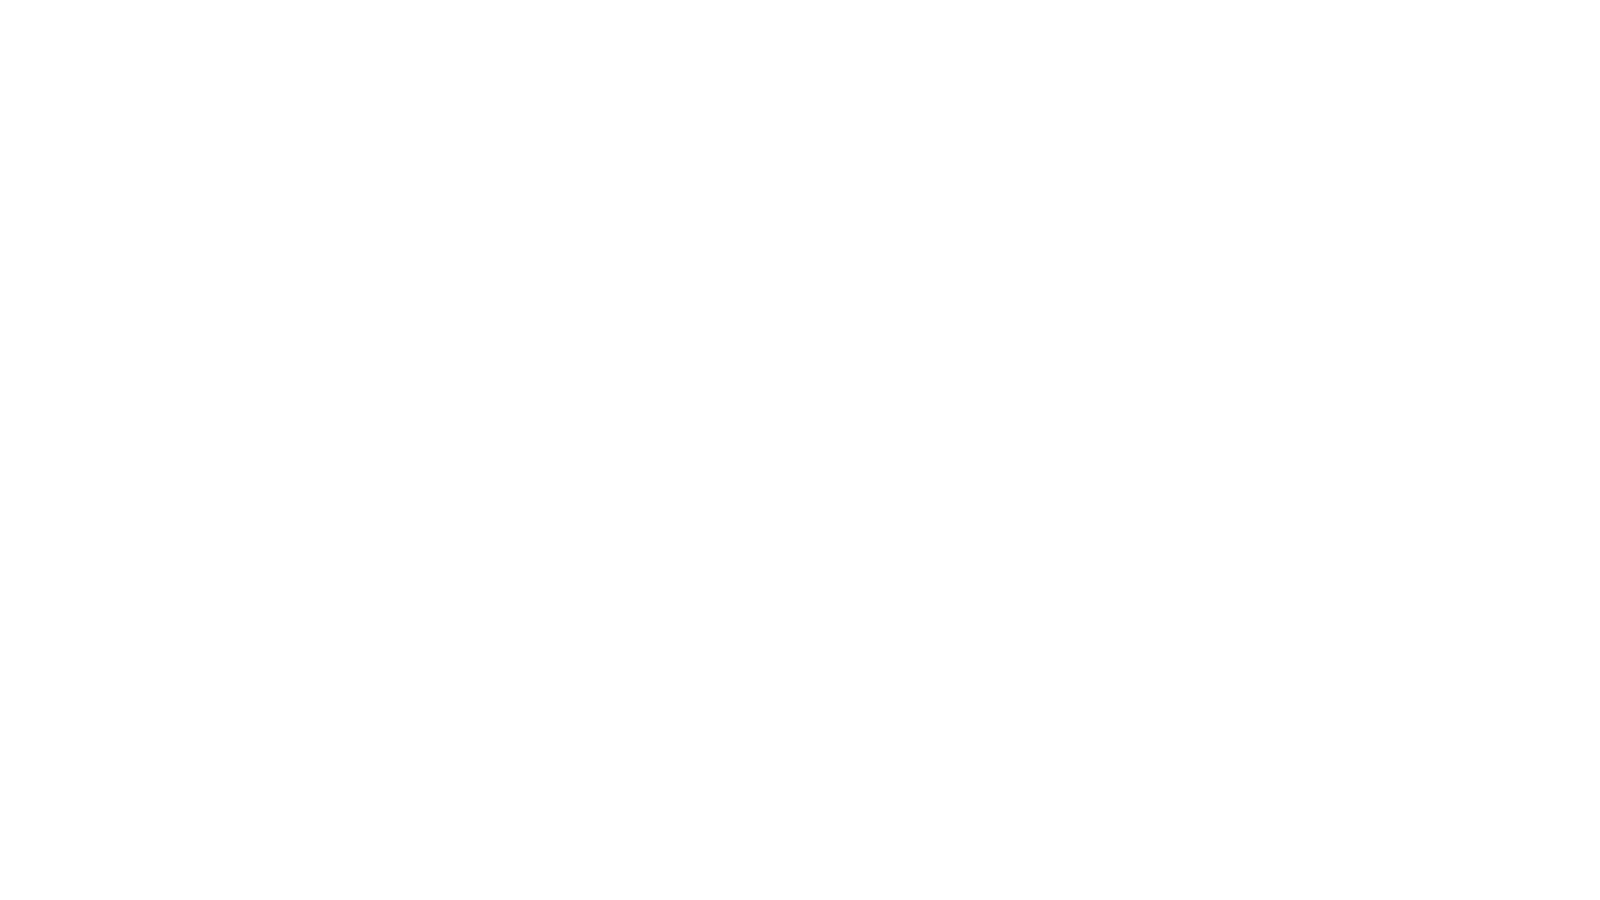 Сборка гидроцикла BRP RXP X RS 300